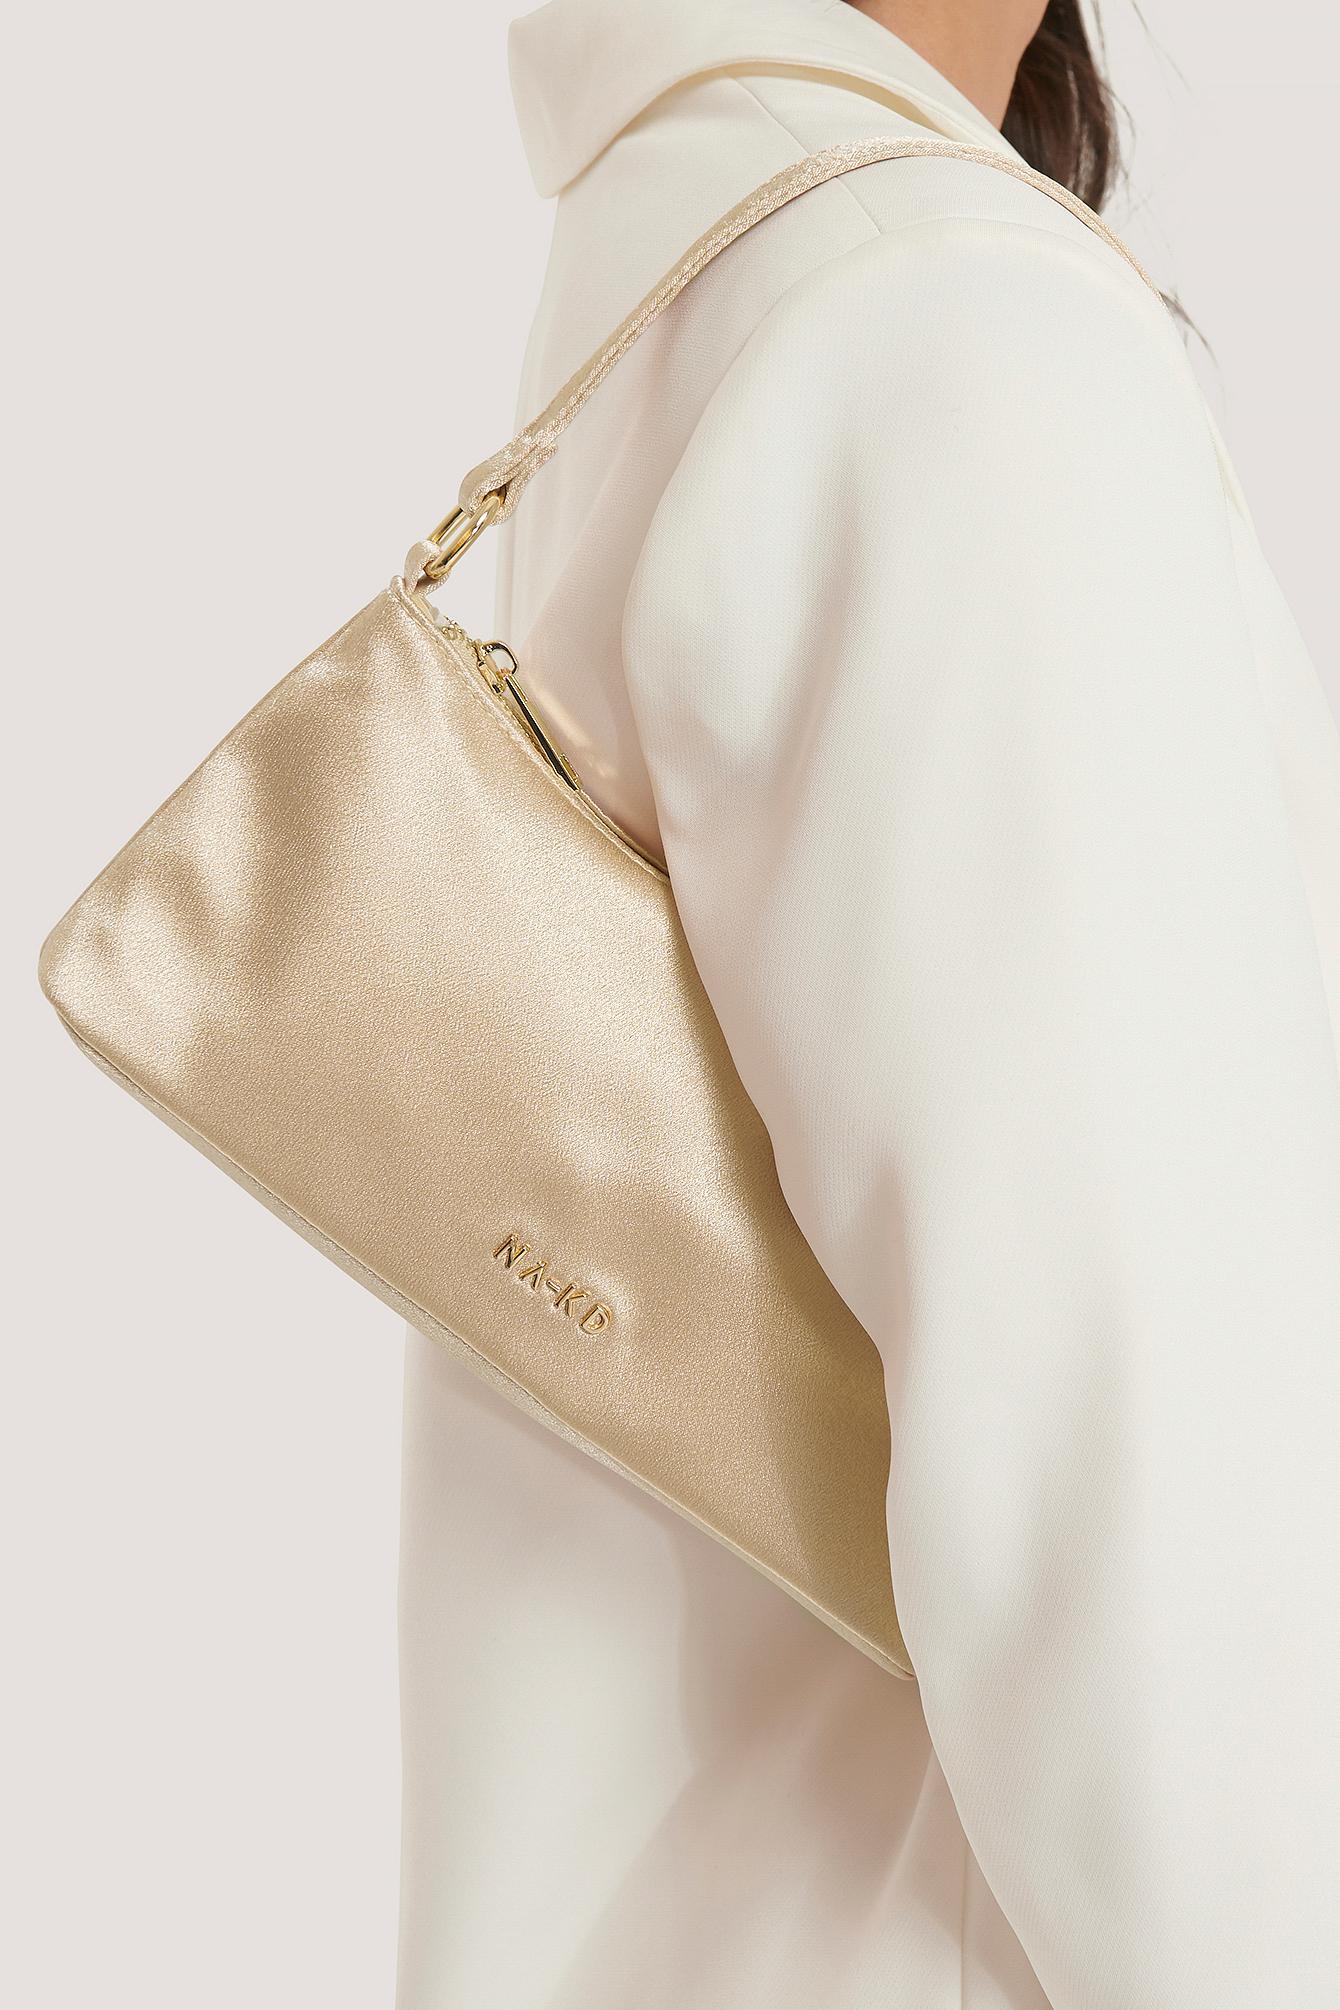 na-kd accessories -  Mini Satin Baguette Bag - Beige